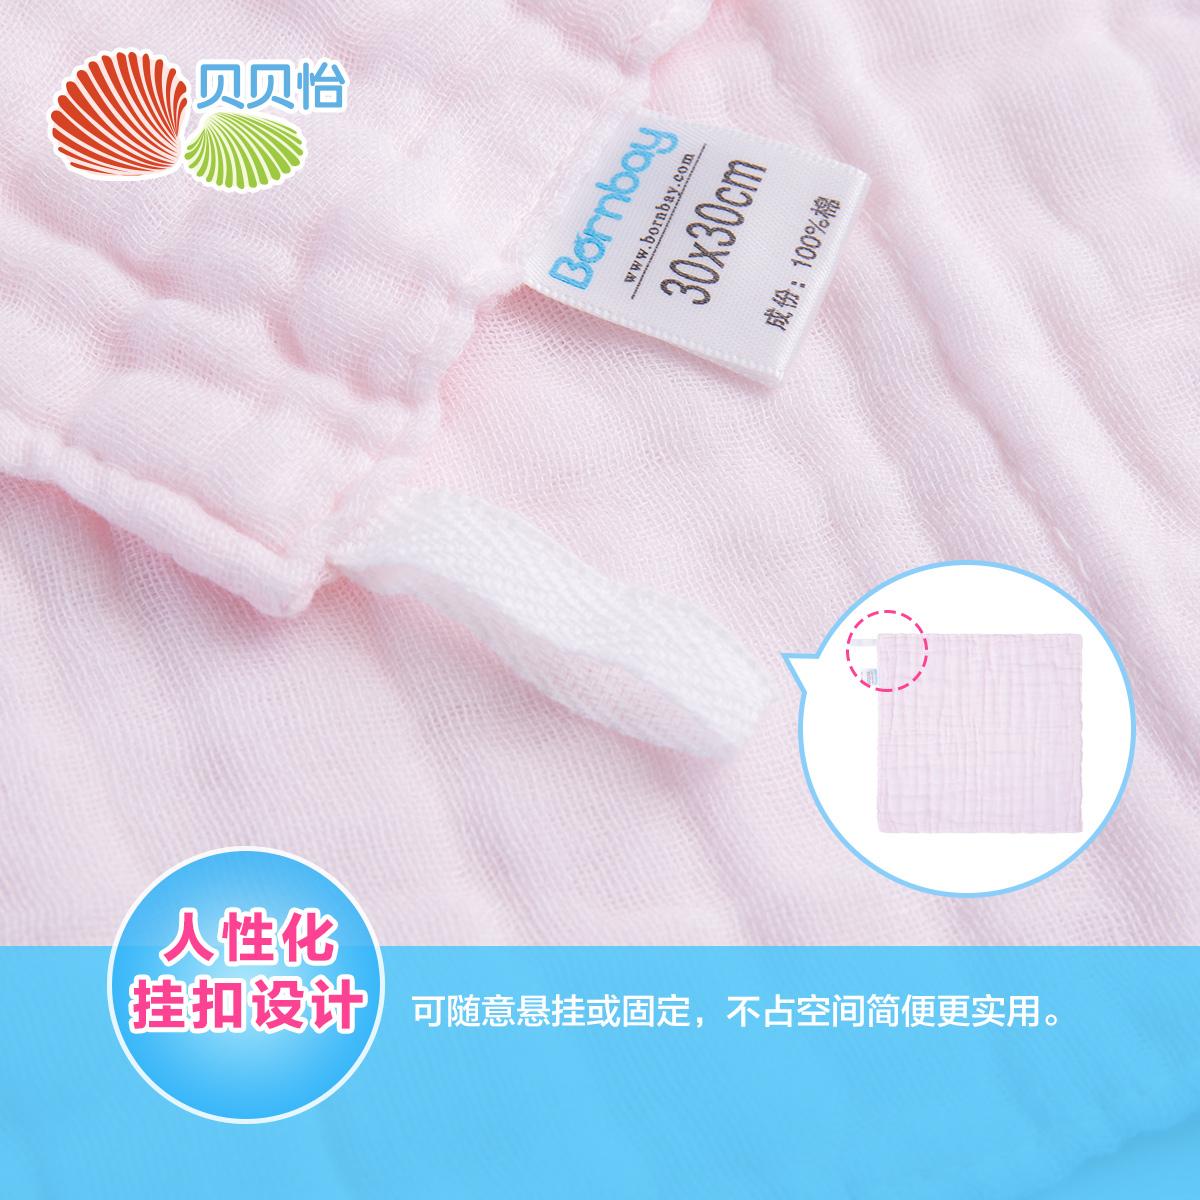 贝贝怡婴儿洗脸巾纯棉加厚泡泡纱布口水巾宝宝手帕2条装